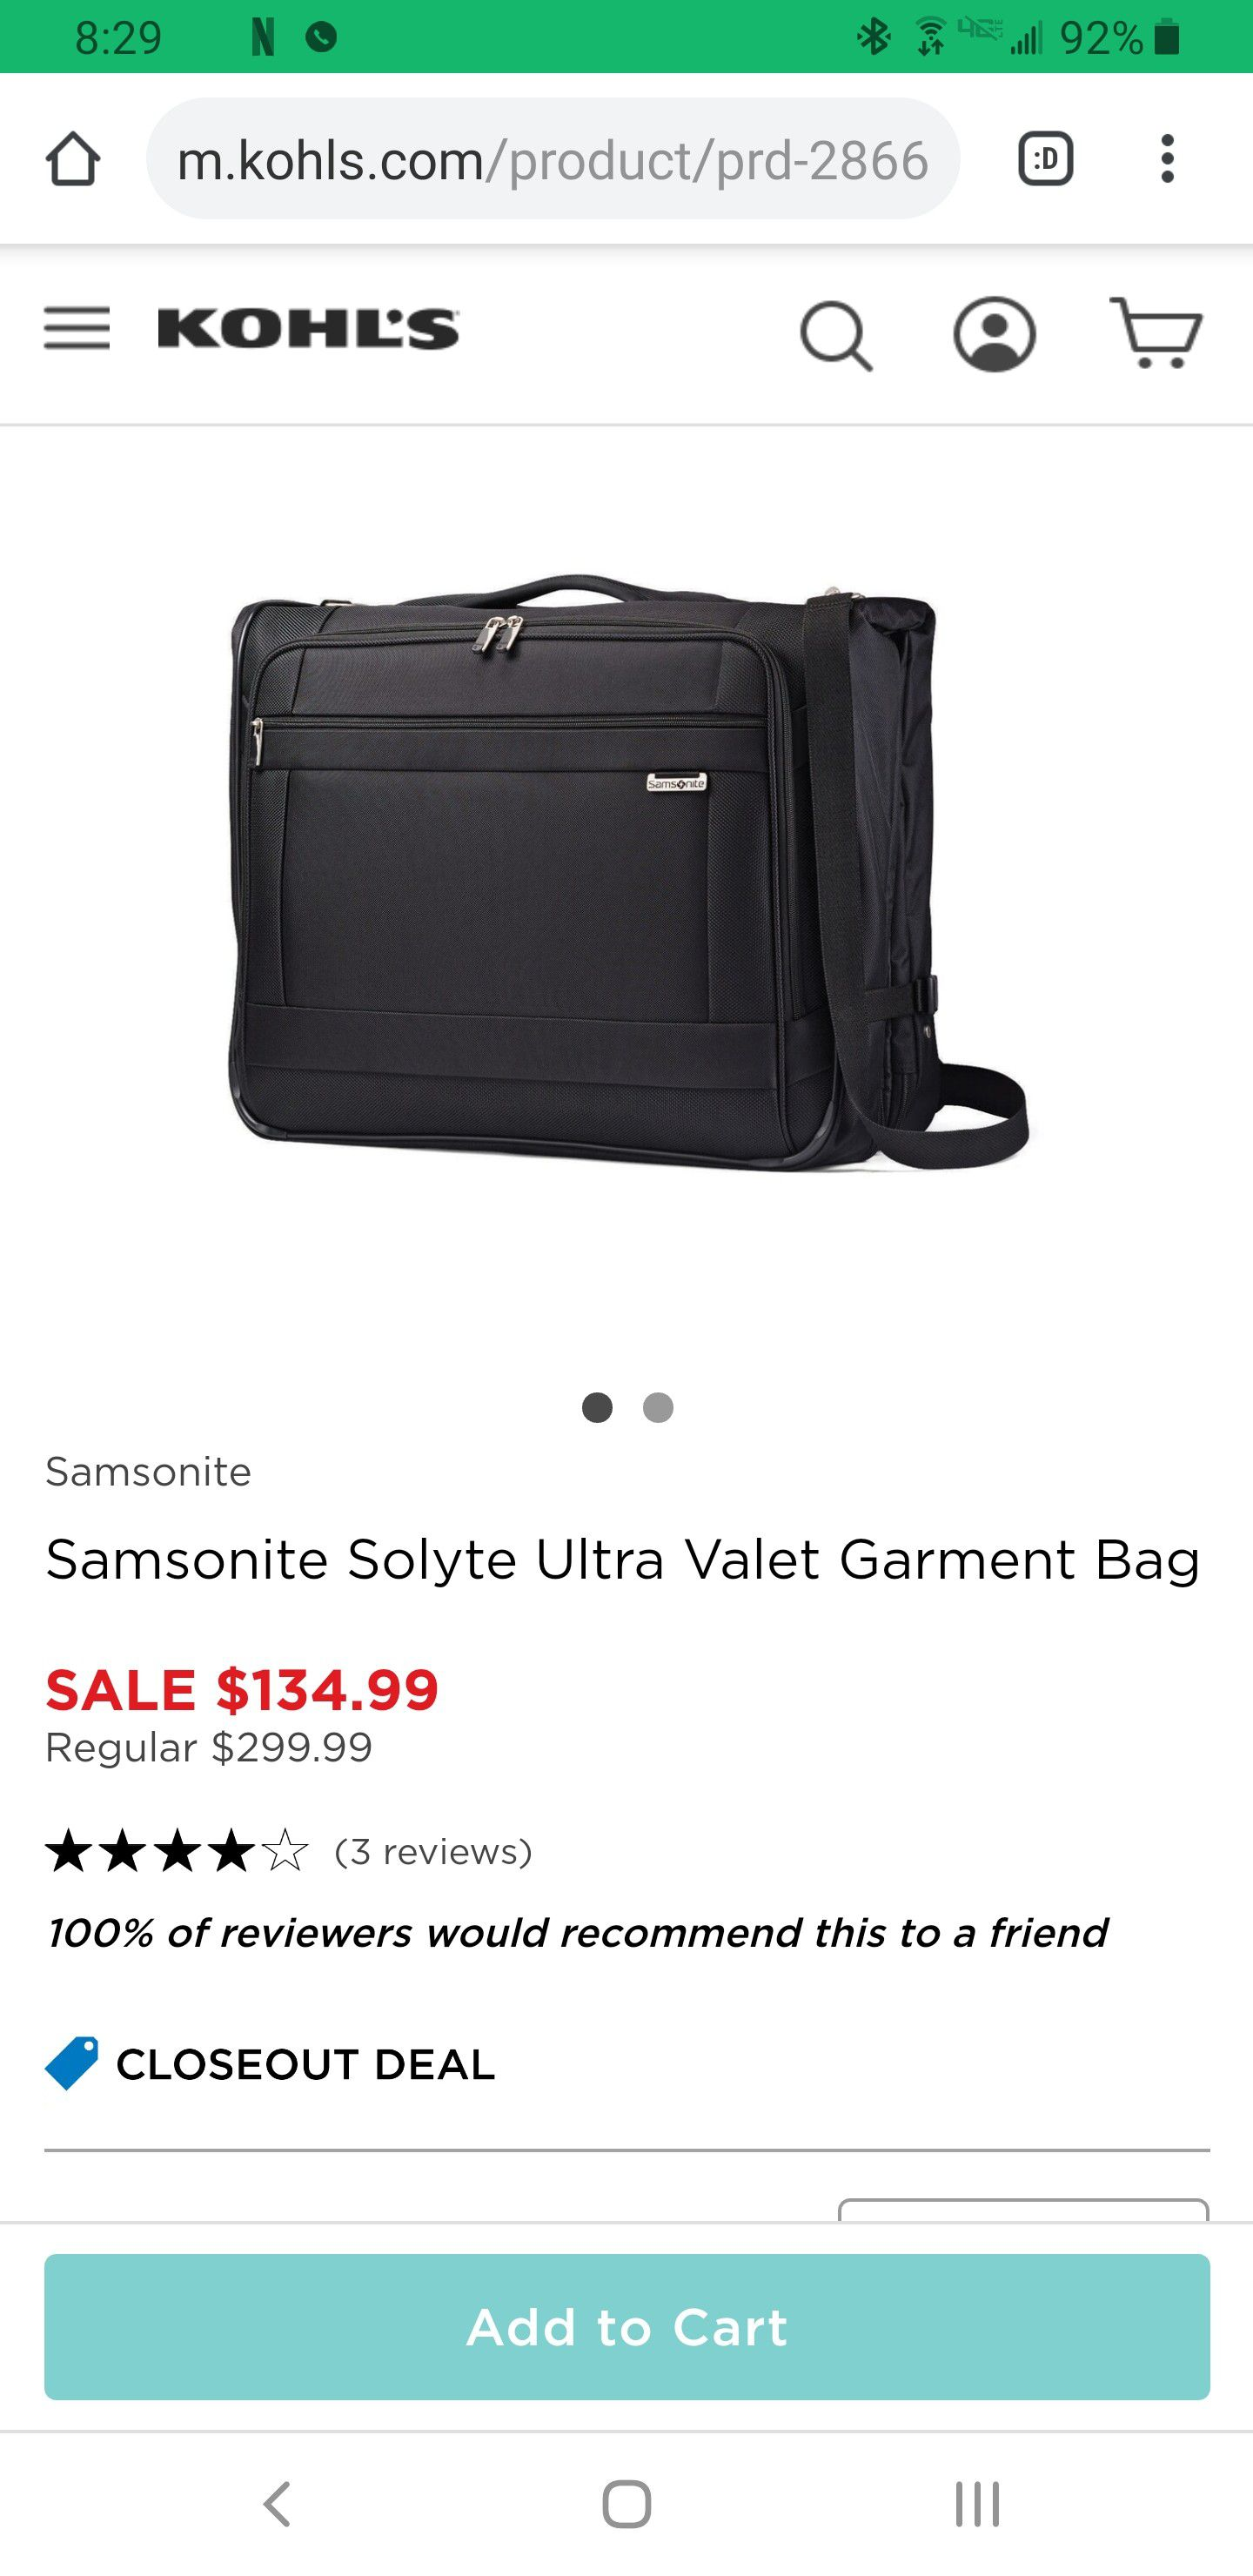 New Durable Samsonite Garment Bag for Travel